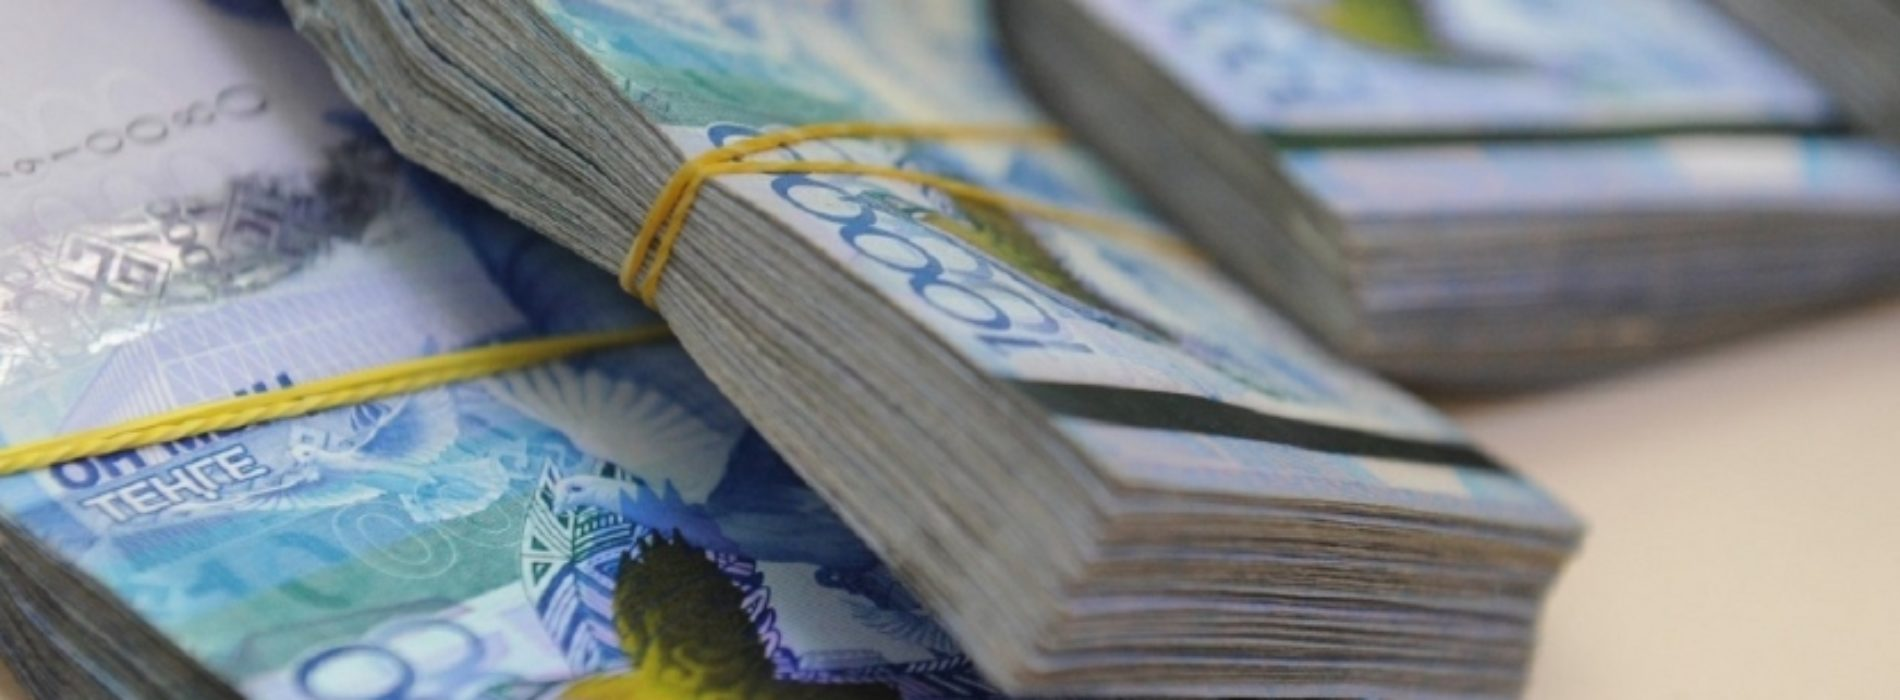 Госслужащий обещал помочь в трудоустройстве за 500 тысяч тенге